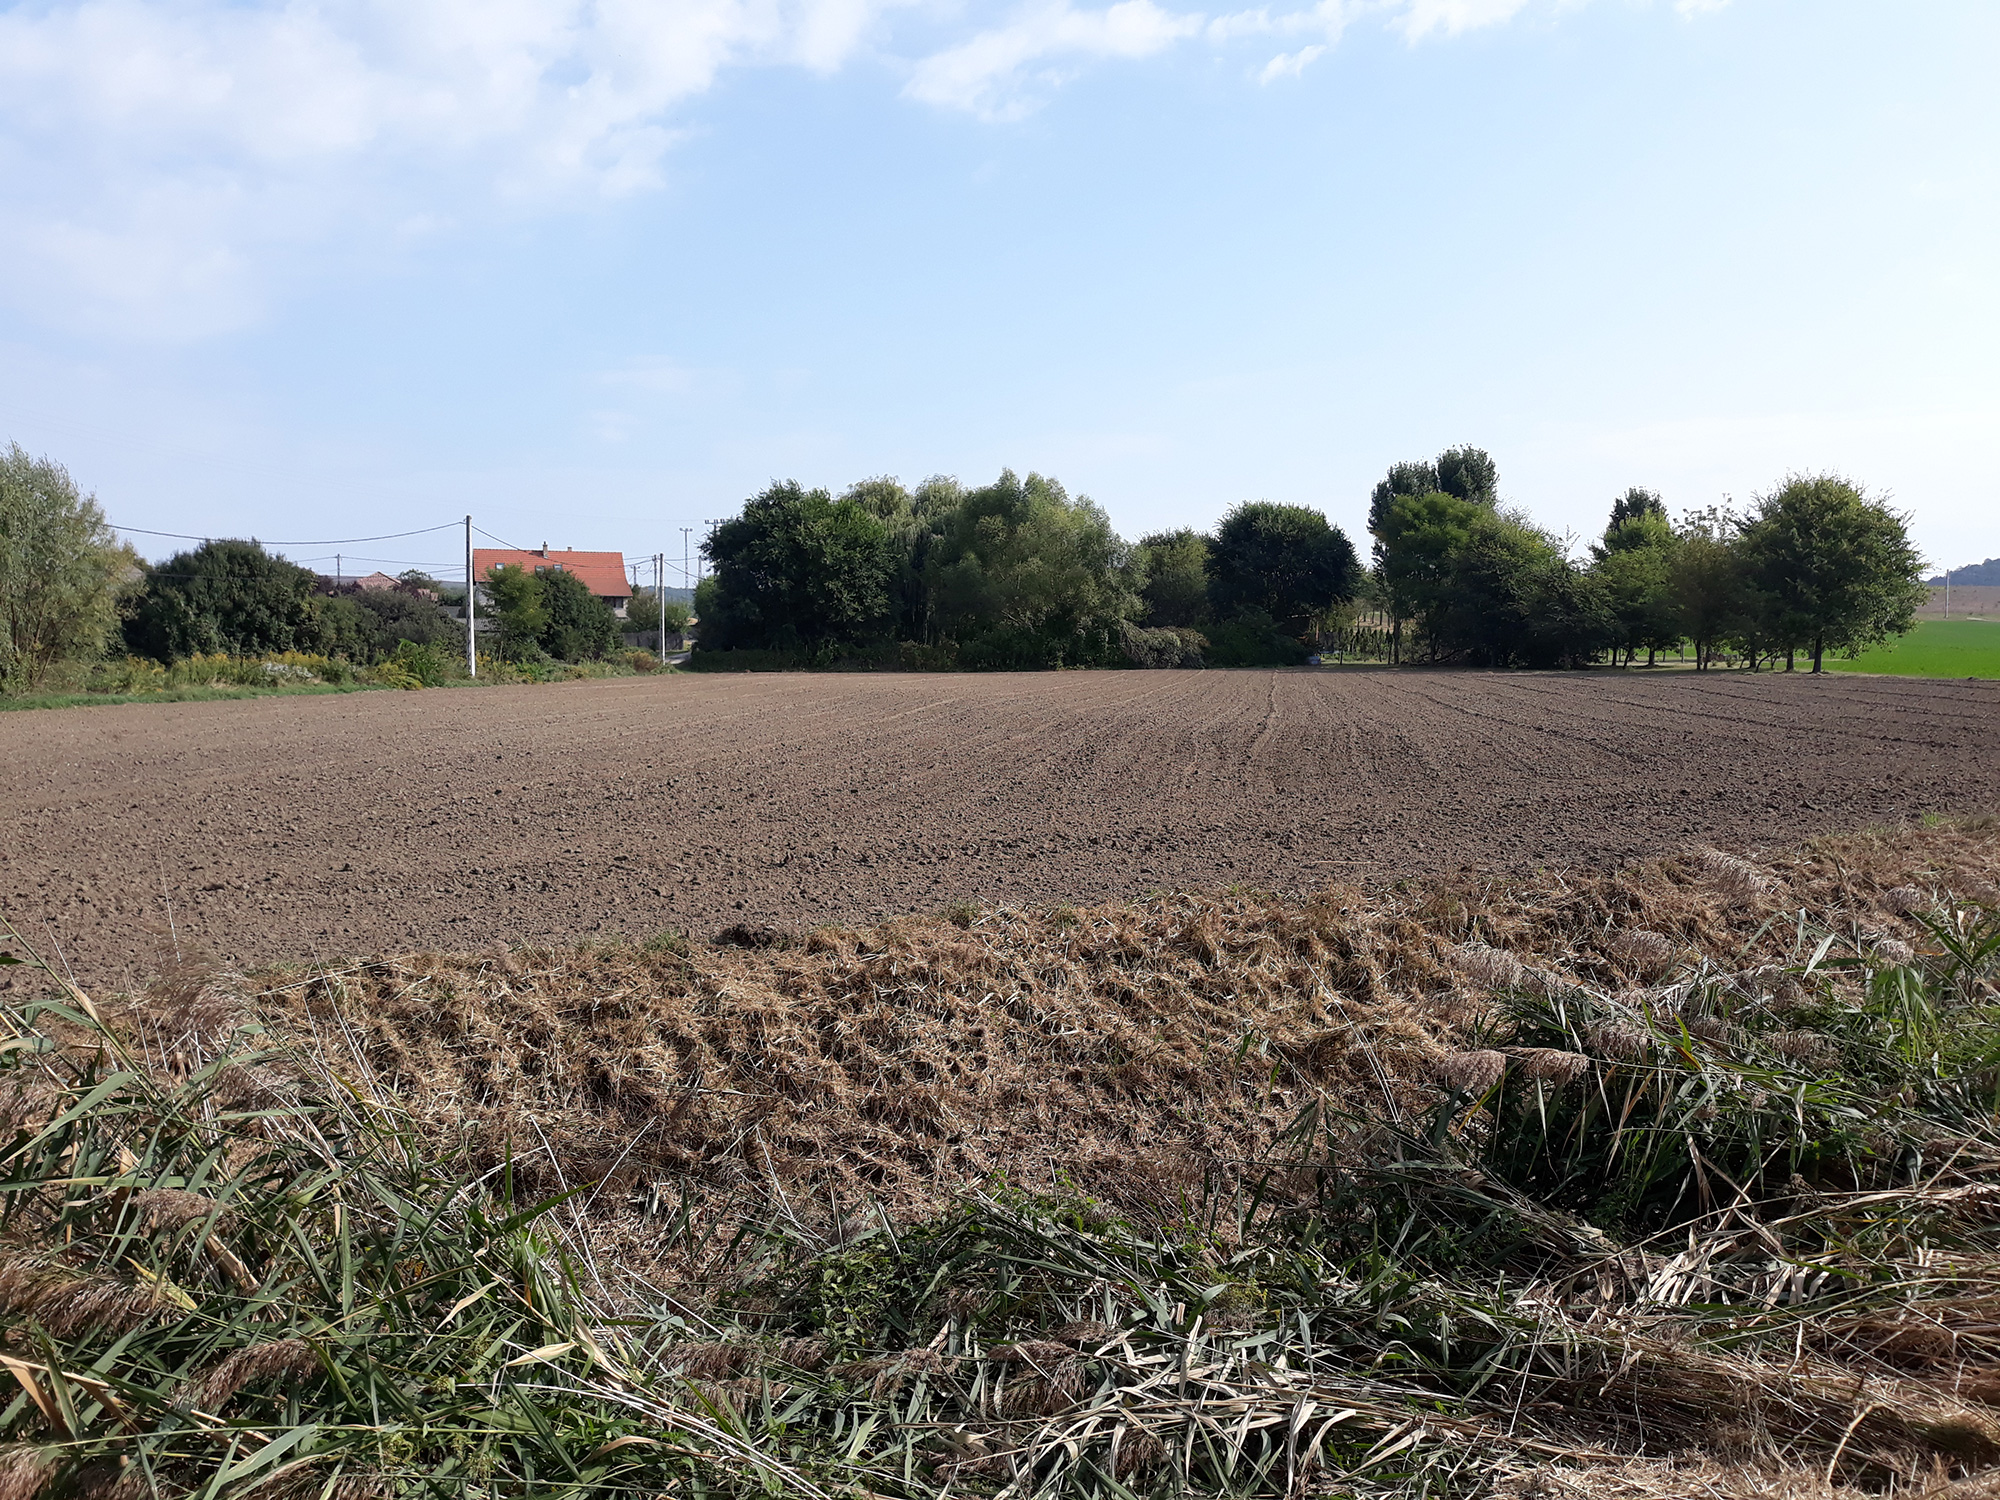 Eladó 1 hektáros telek Váchartyán - alsó szántóföldi rész